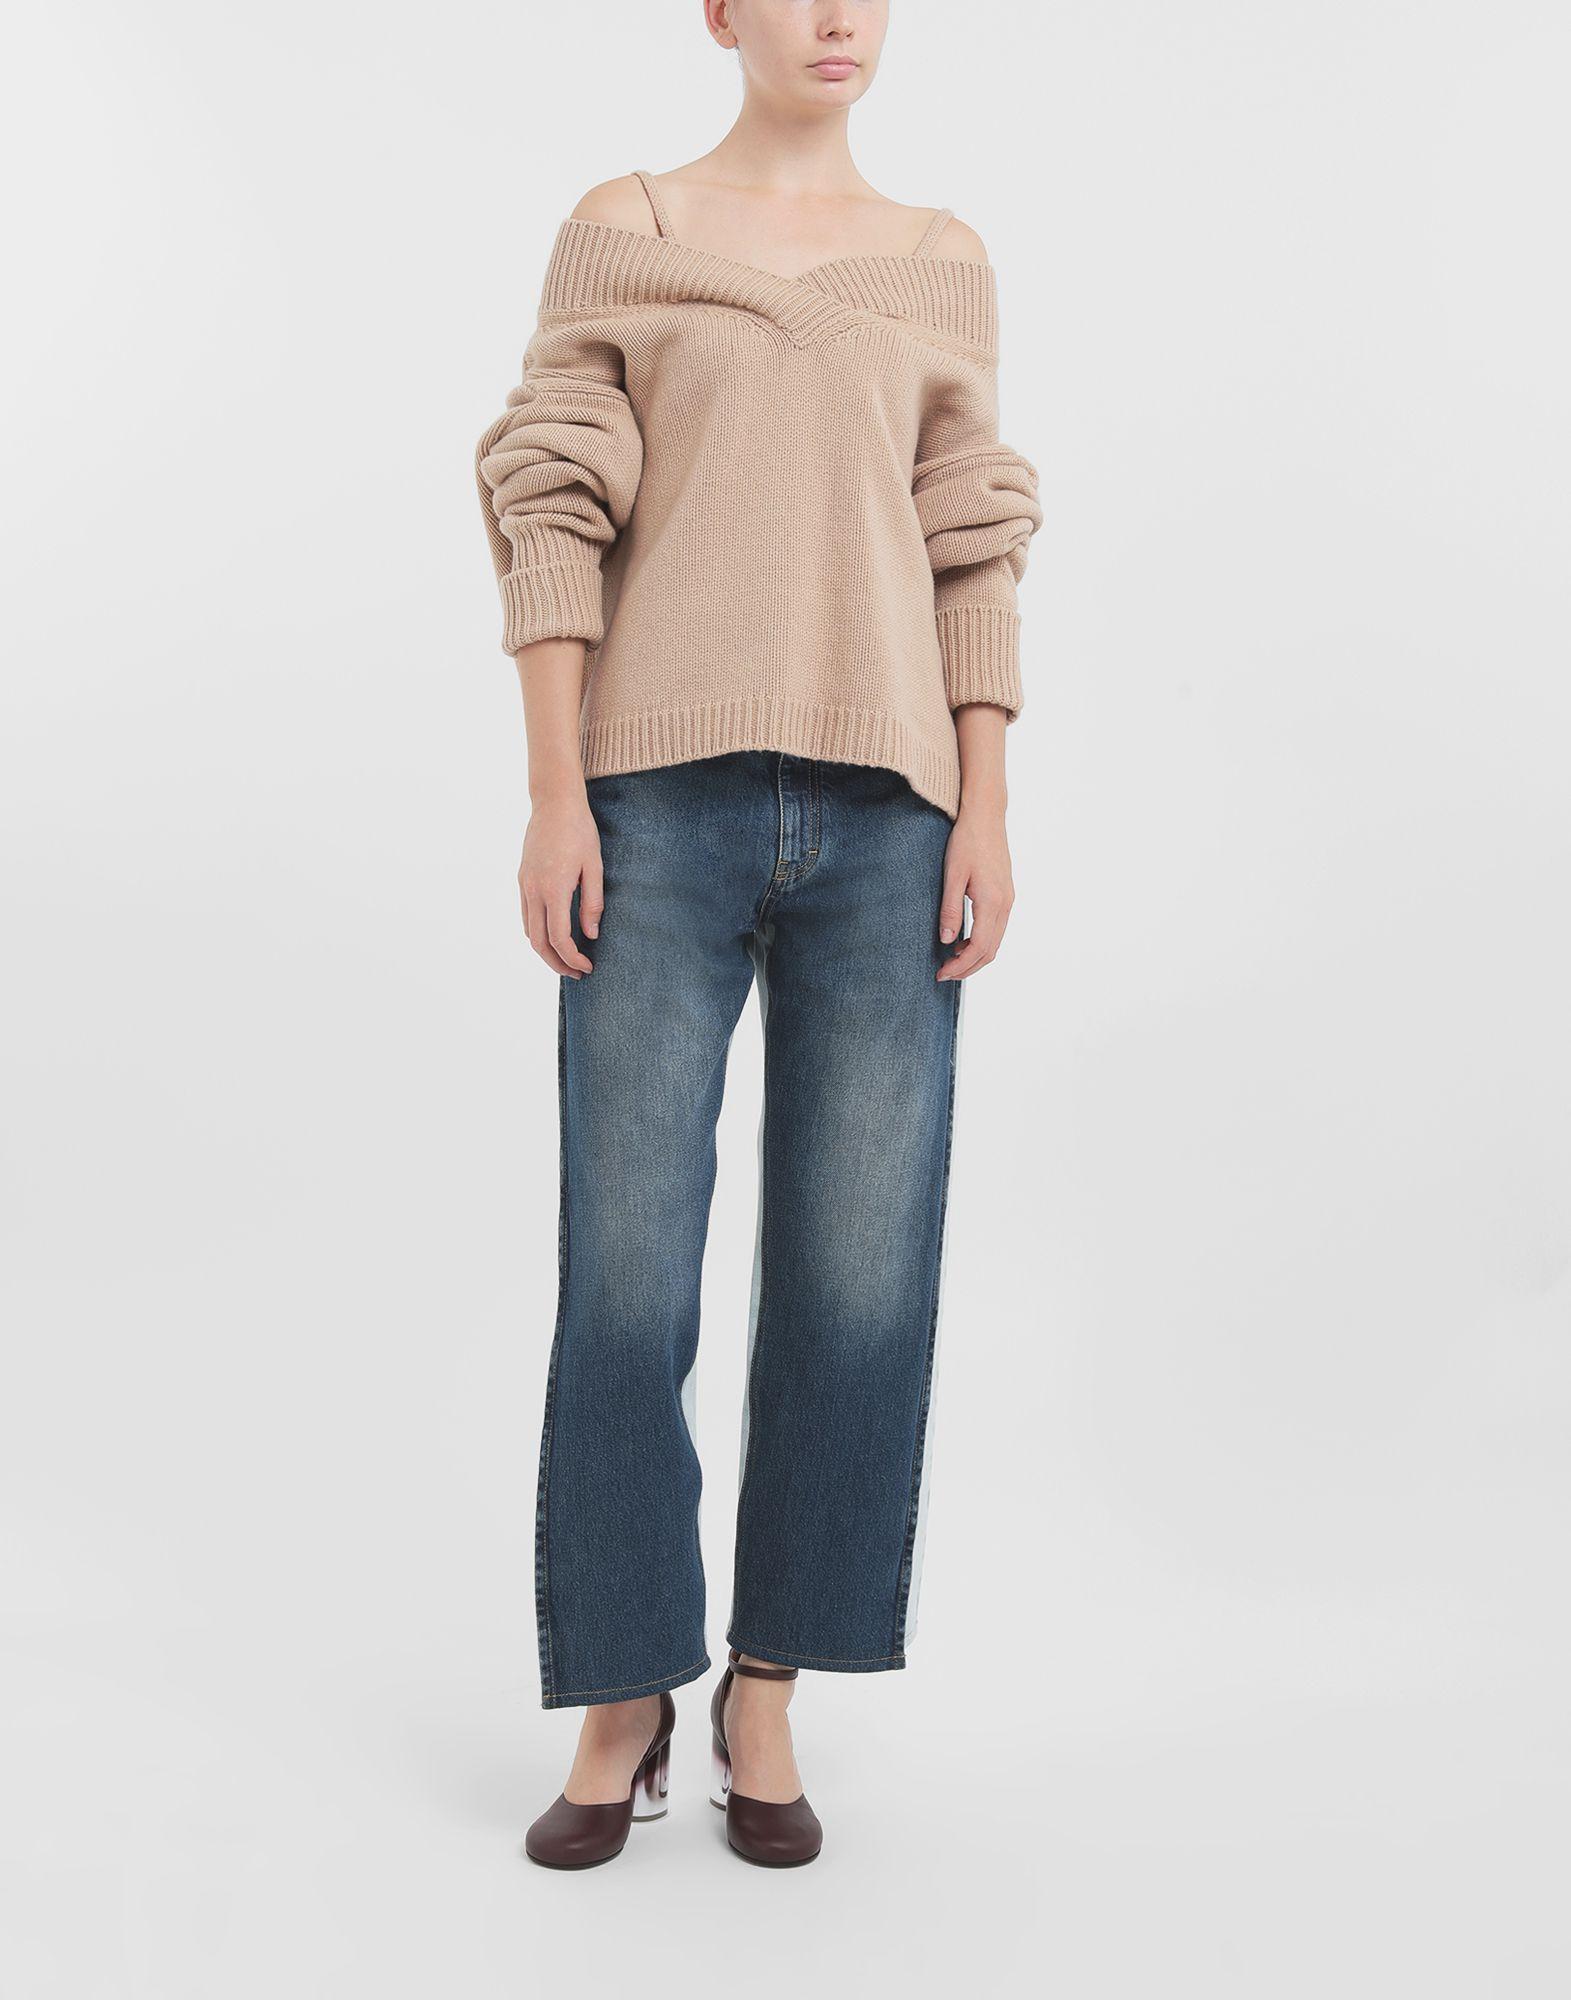 MAISON MARGIELA Unterschiedlich tragbarer Pullover Pullover mit V-Ausschnitt Dame b